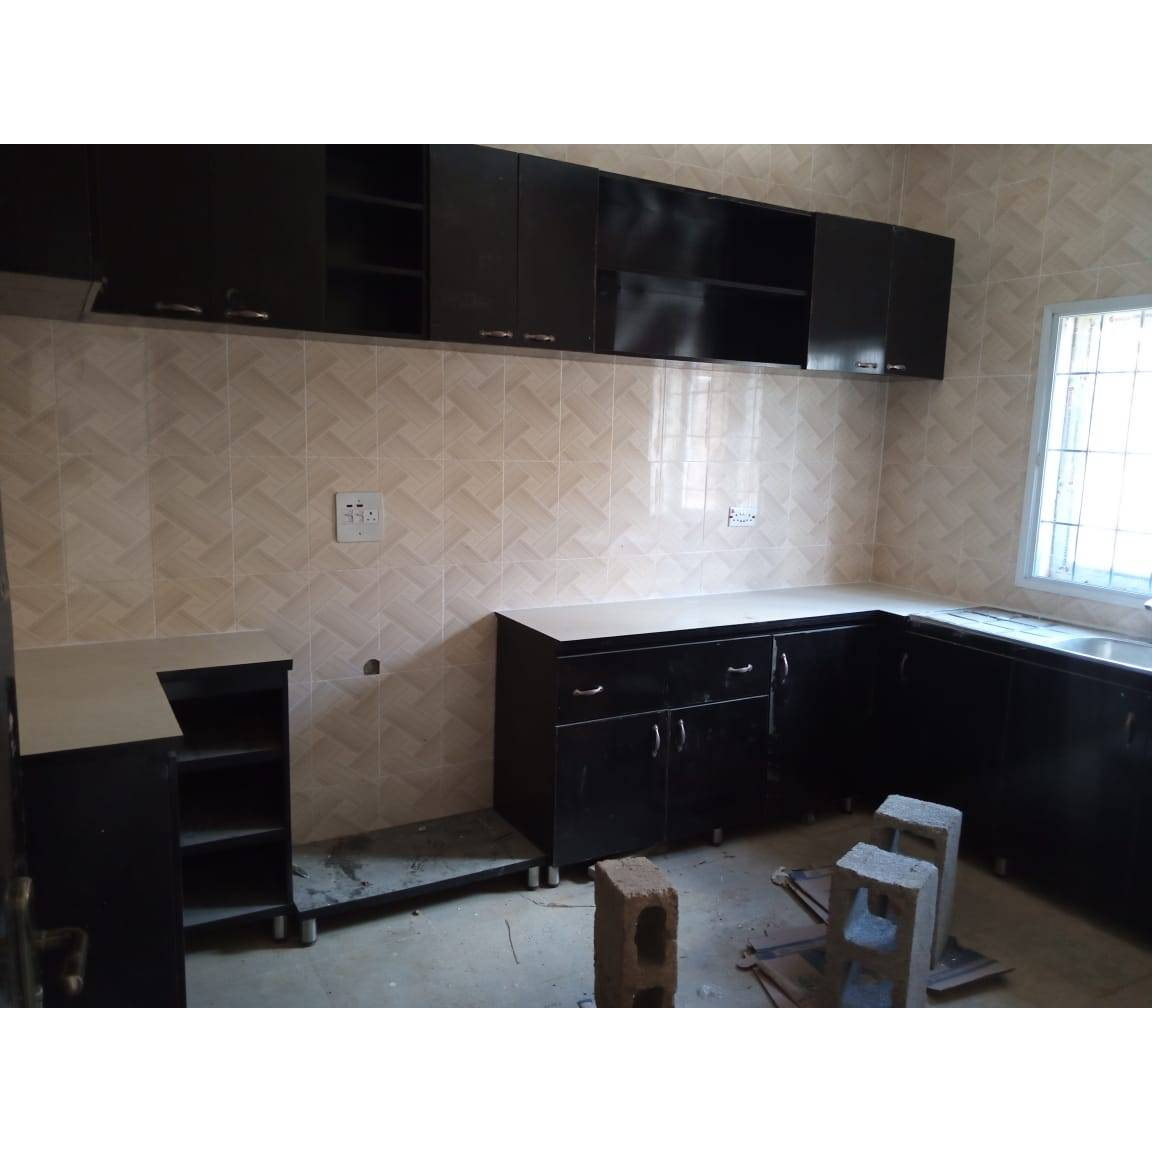 2bedroom flat 45